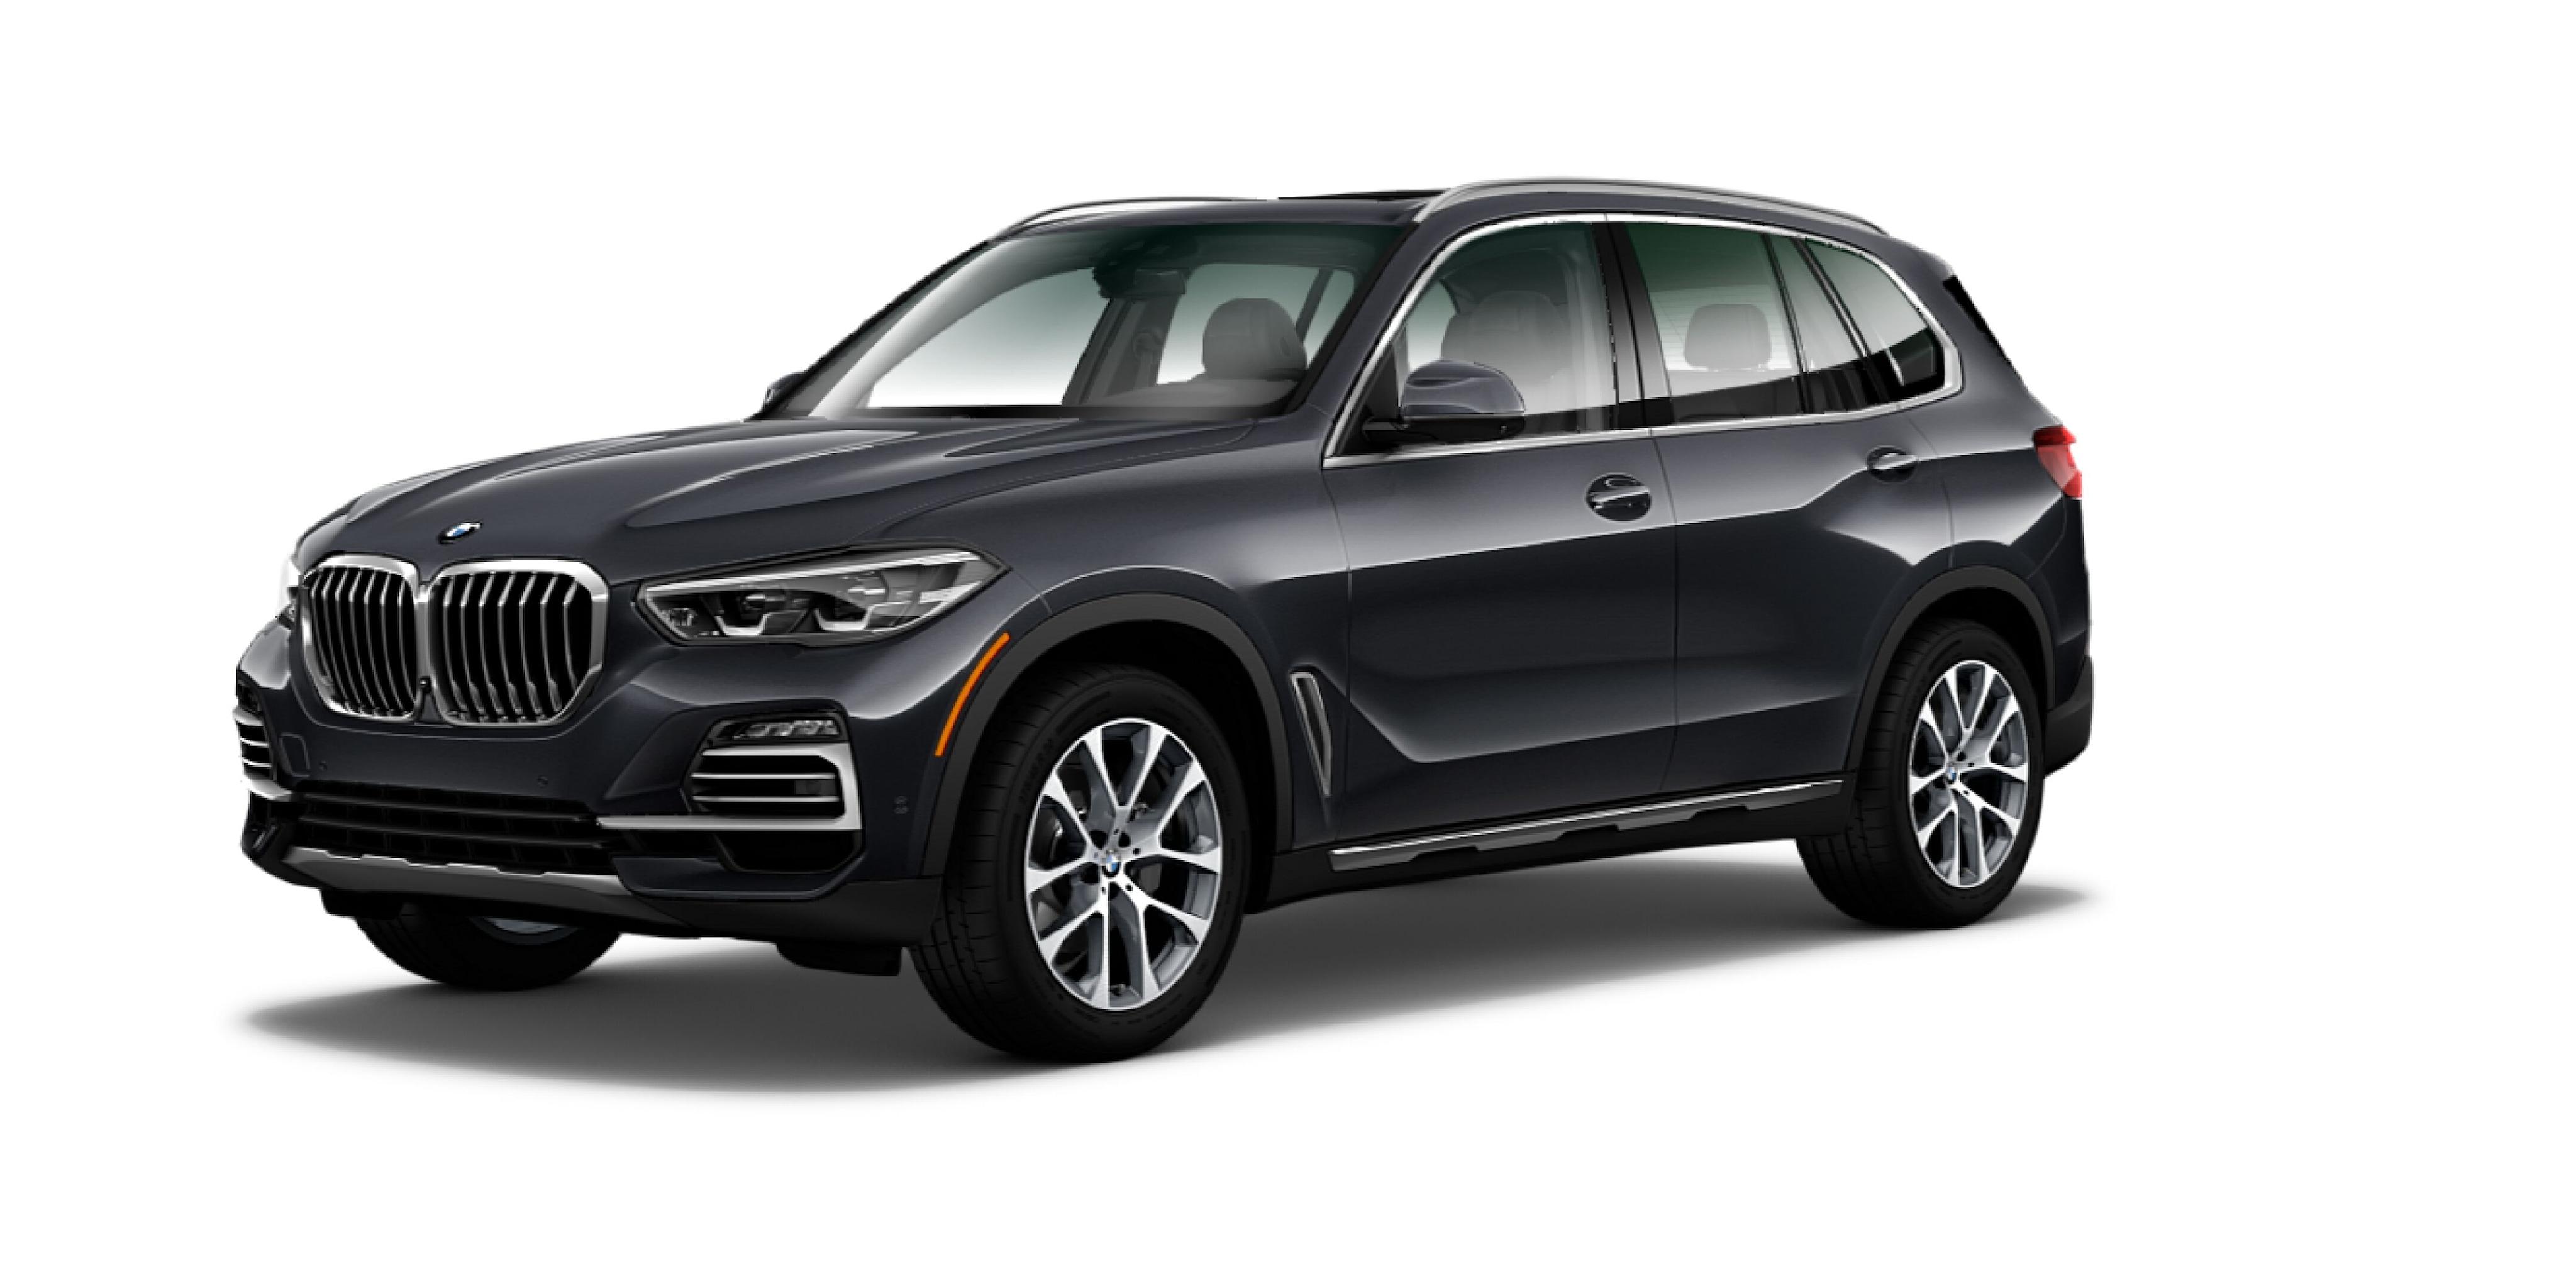 2020 BMW X5 Sport Utility